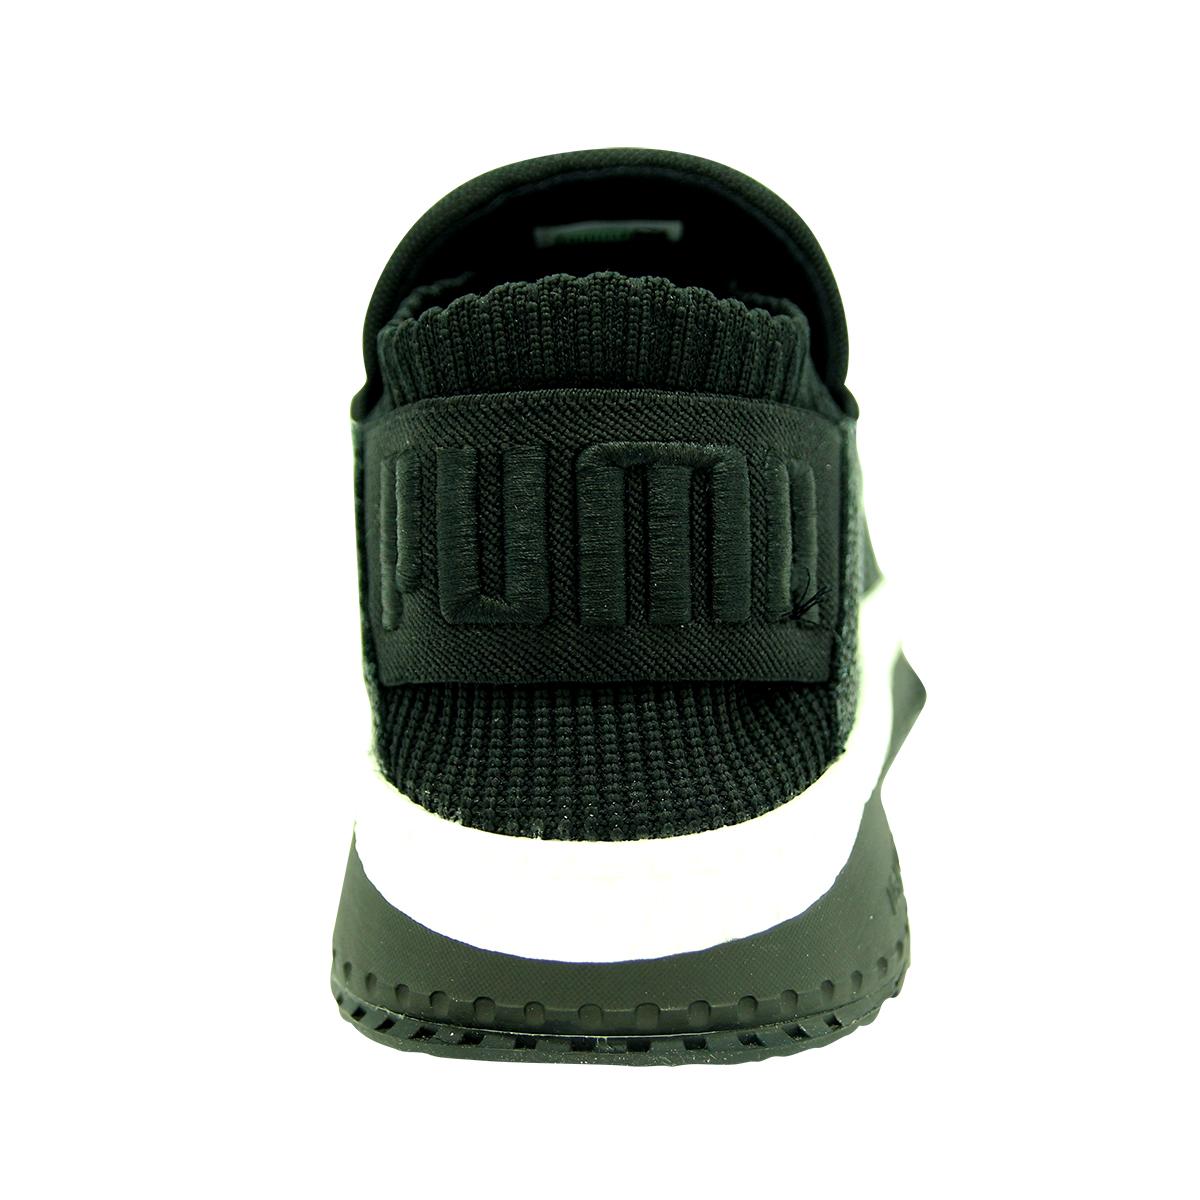 PUMA SUEDE 343221 POTTING SOIL/FEATHER Gris/Blanco 343221 SUEDE 09 zapatos zapatillas hombre 73ff33